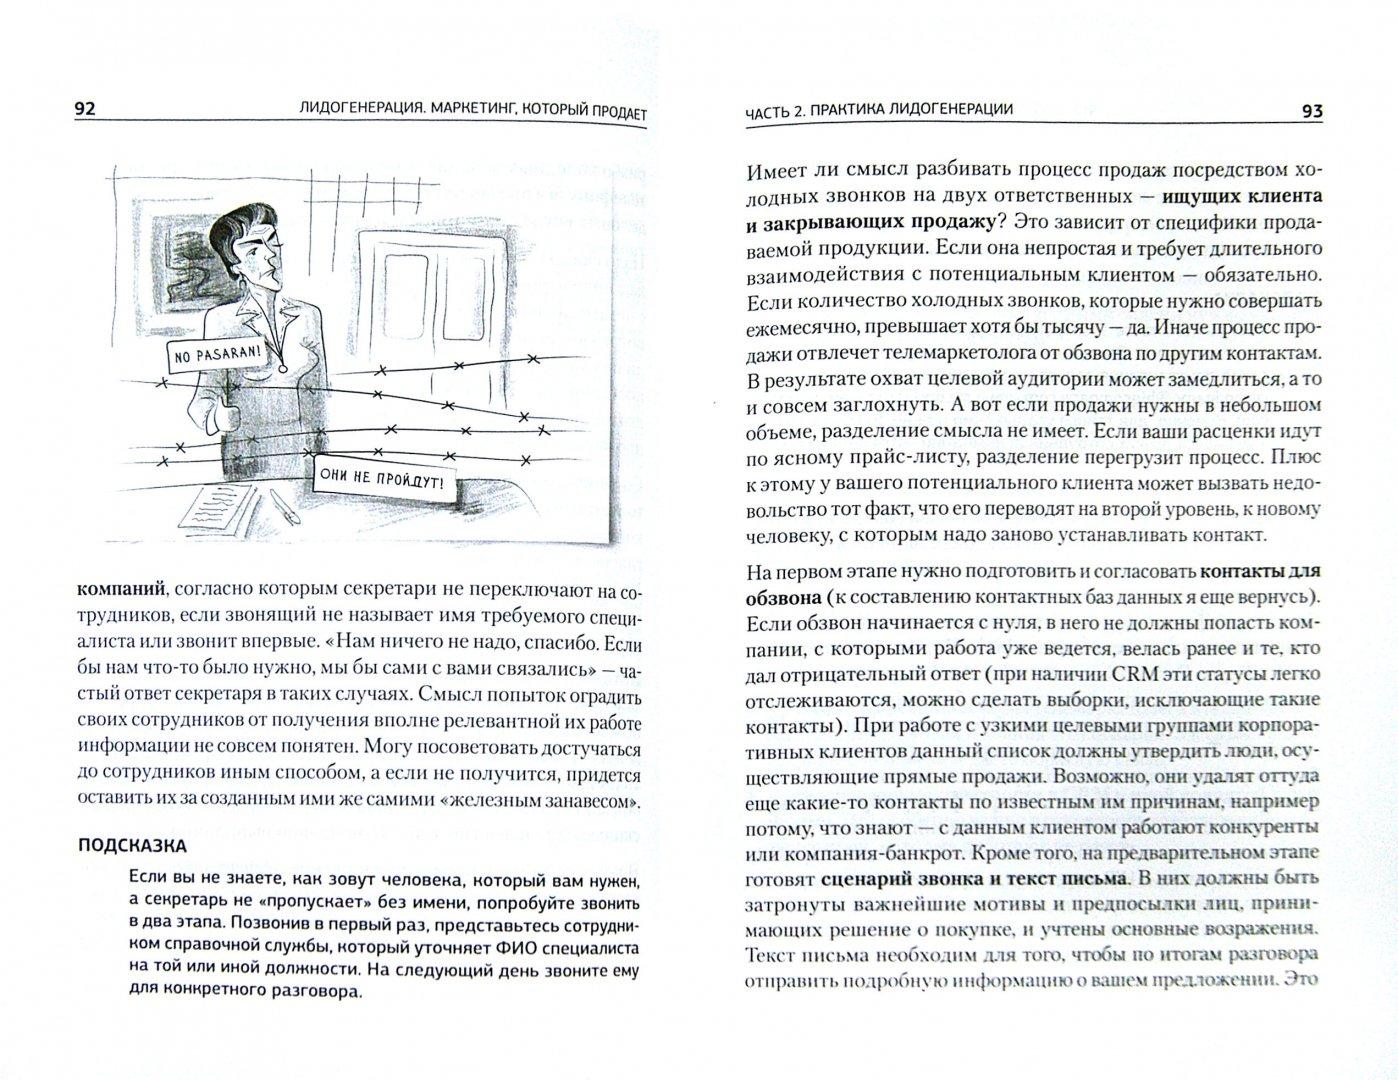 Иллюстрация 1 из 14 для Лидогенерация. Маркетинг, который продает - Ксения Андреева   Лабиринт - книги. Источник: Лабиринт